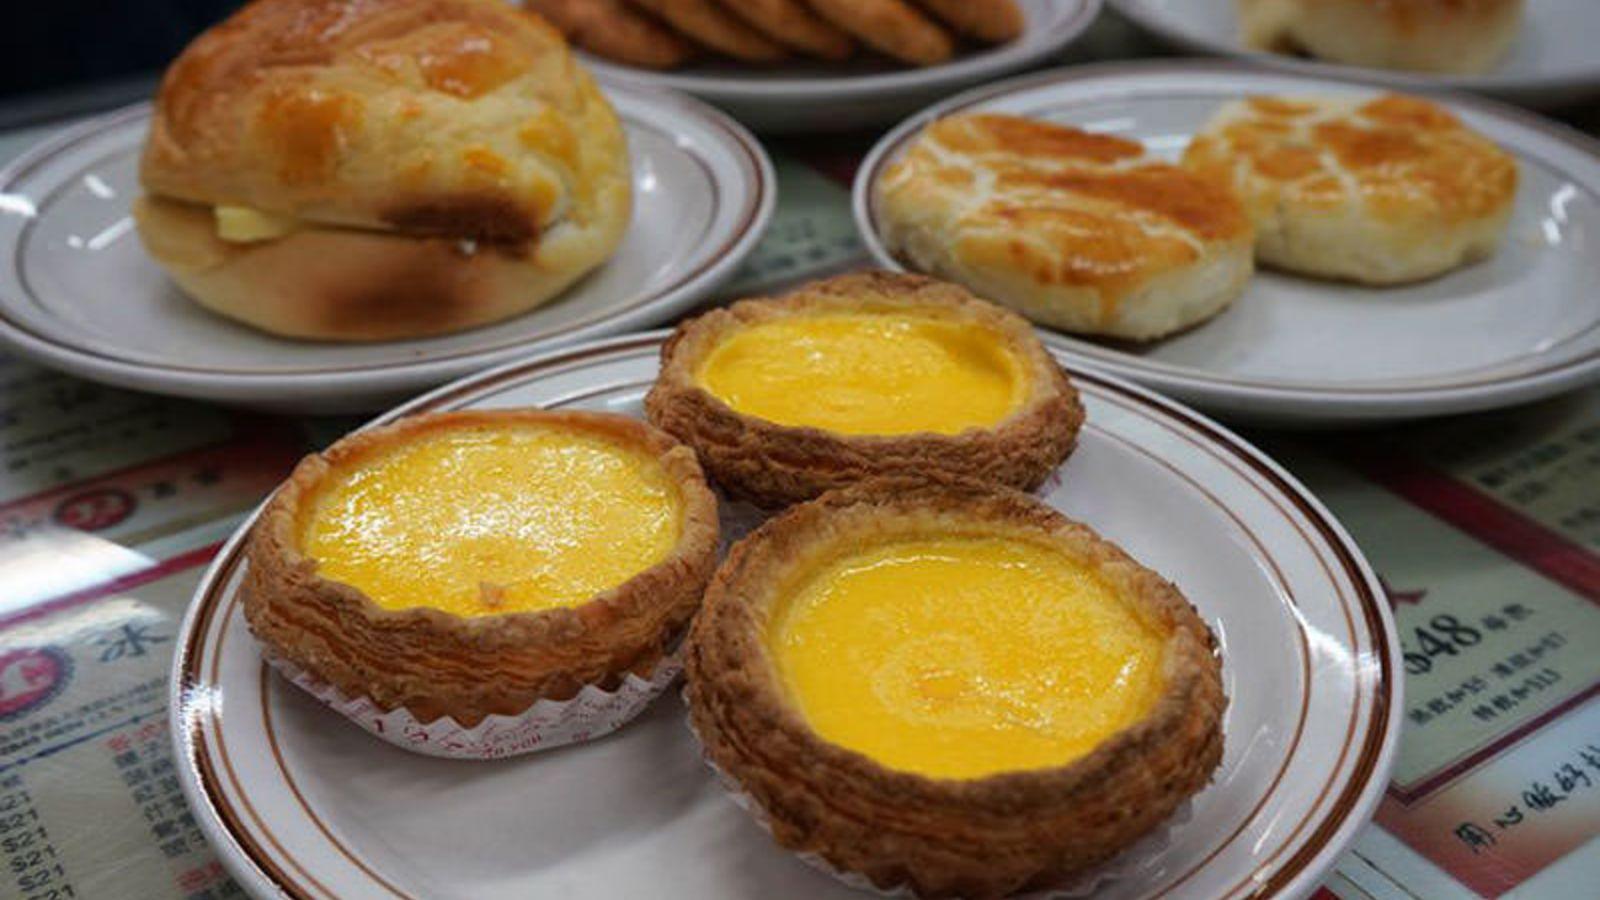 Chrisly Cafe (Bakery)